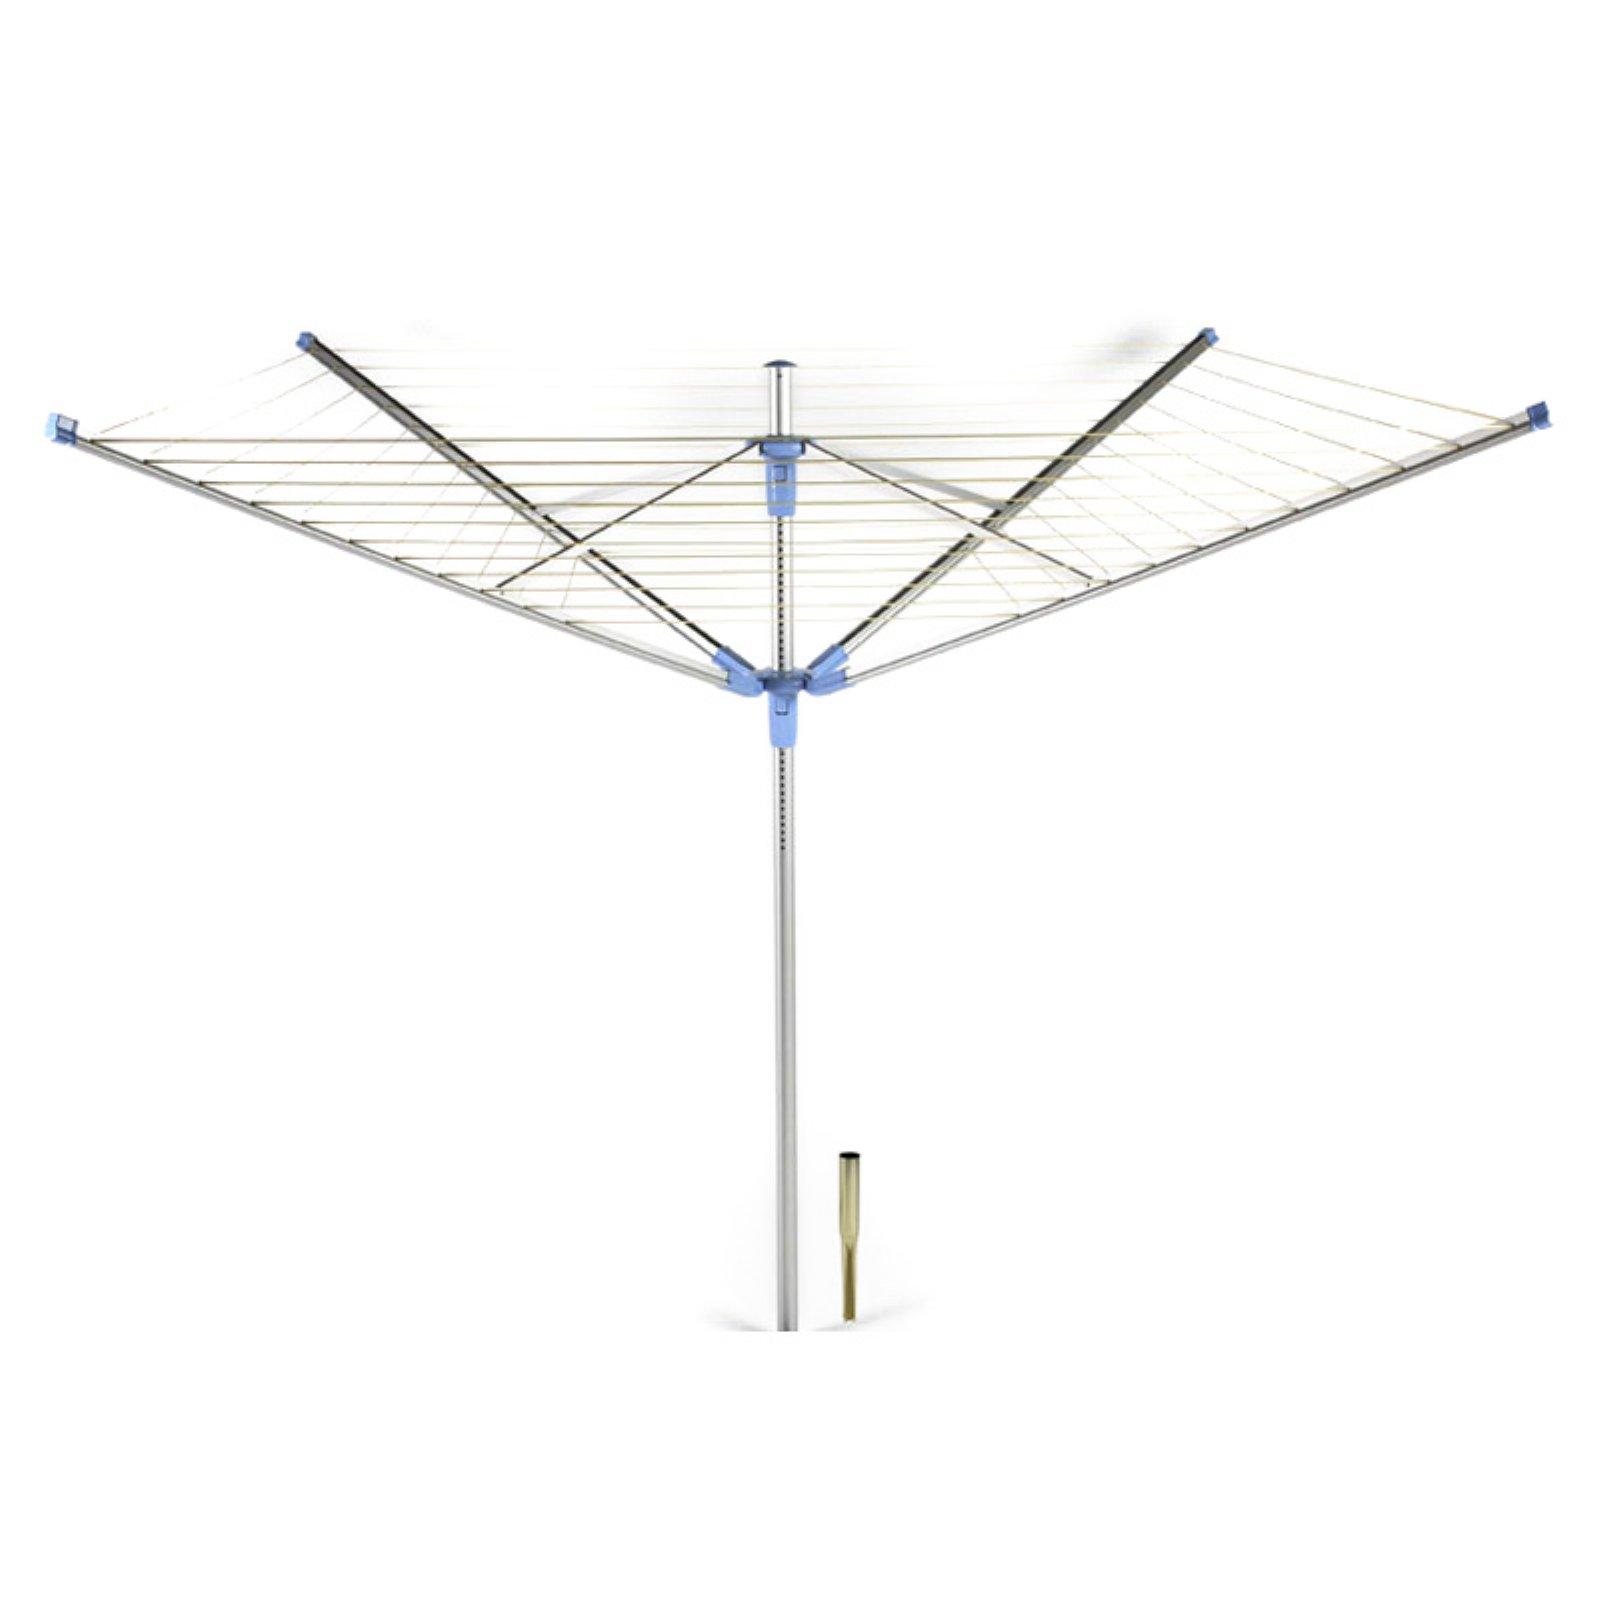 Moerman 88353 11-Line Outdoor Umbrella Clothesline